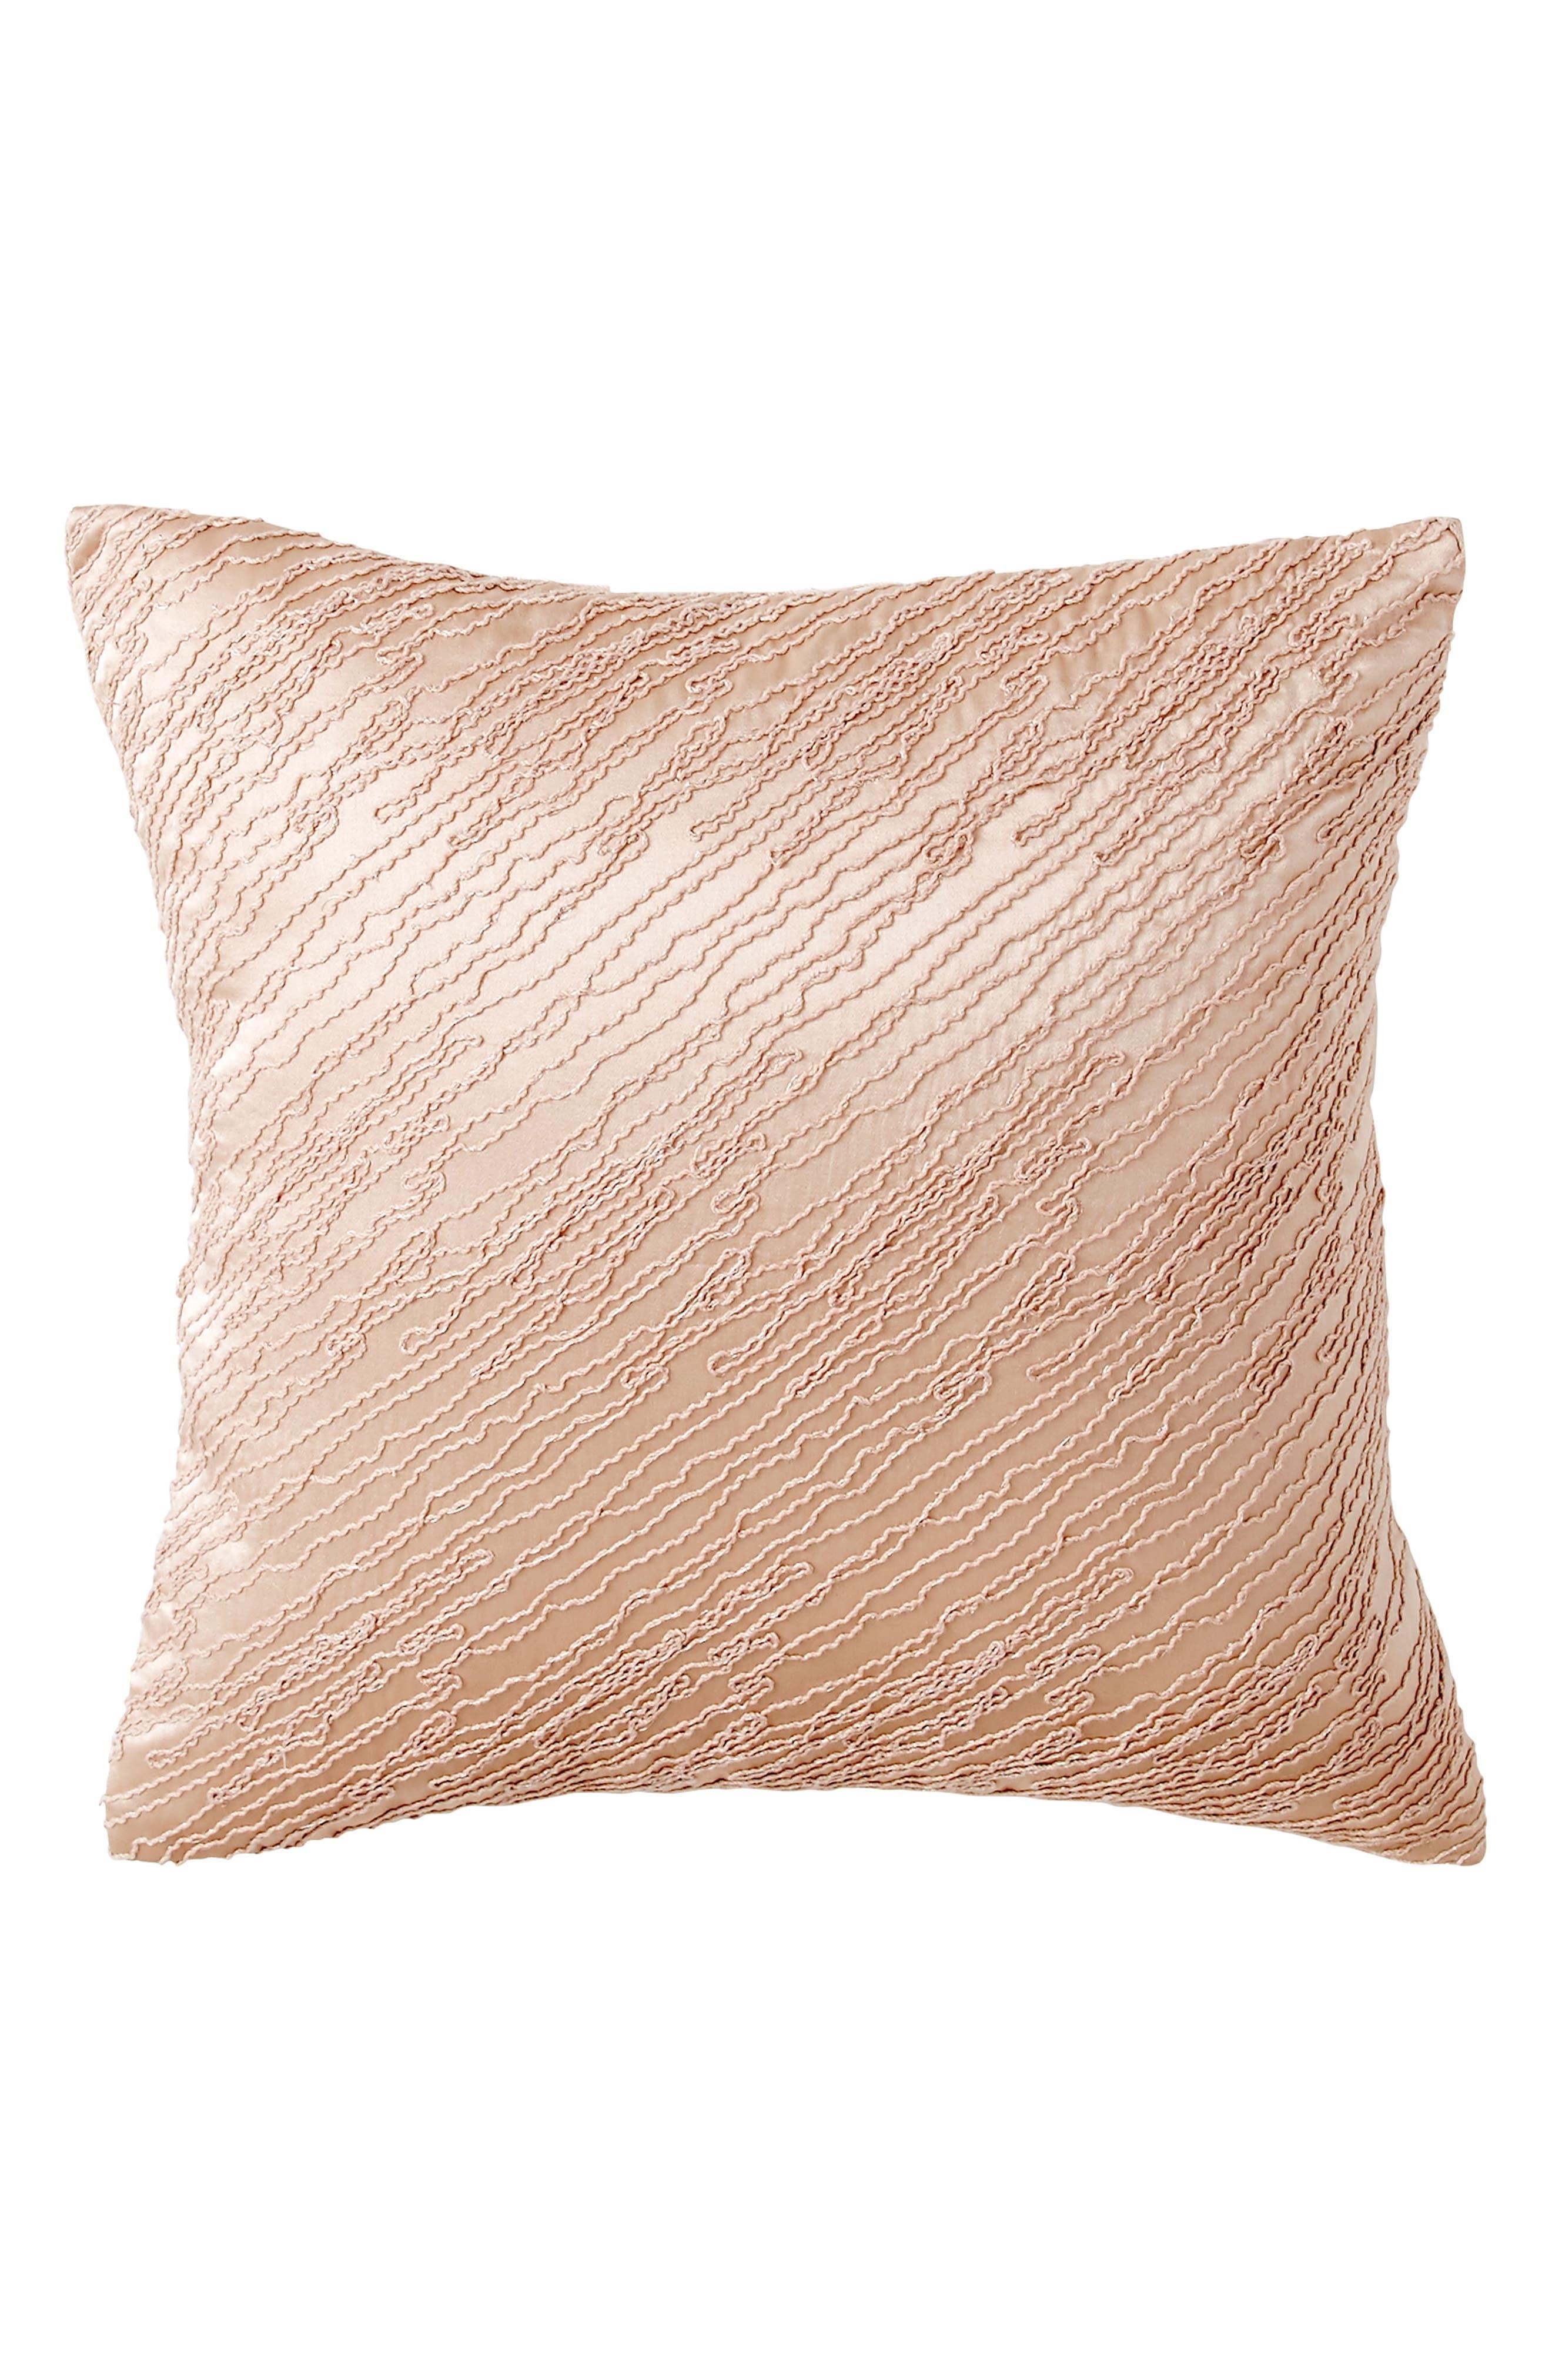 Donna Karan Home Collection Awakening Silk Accent Pillow